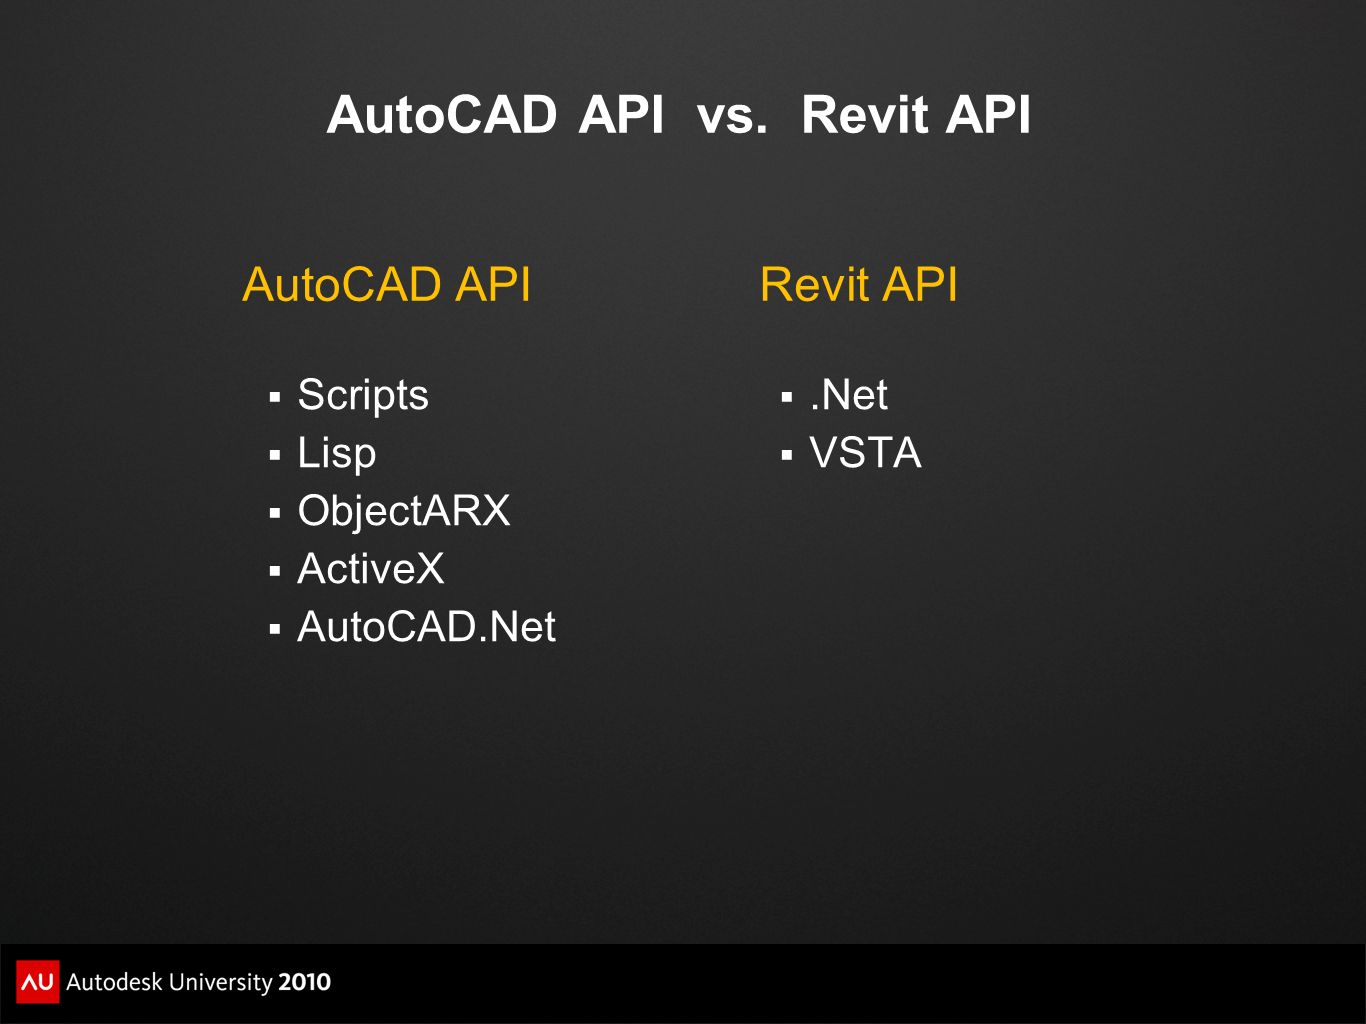 AutoCAD API vs. Revit API